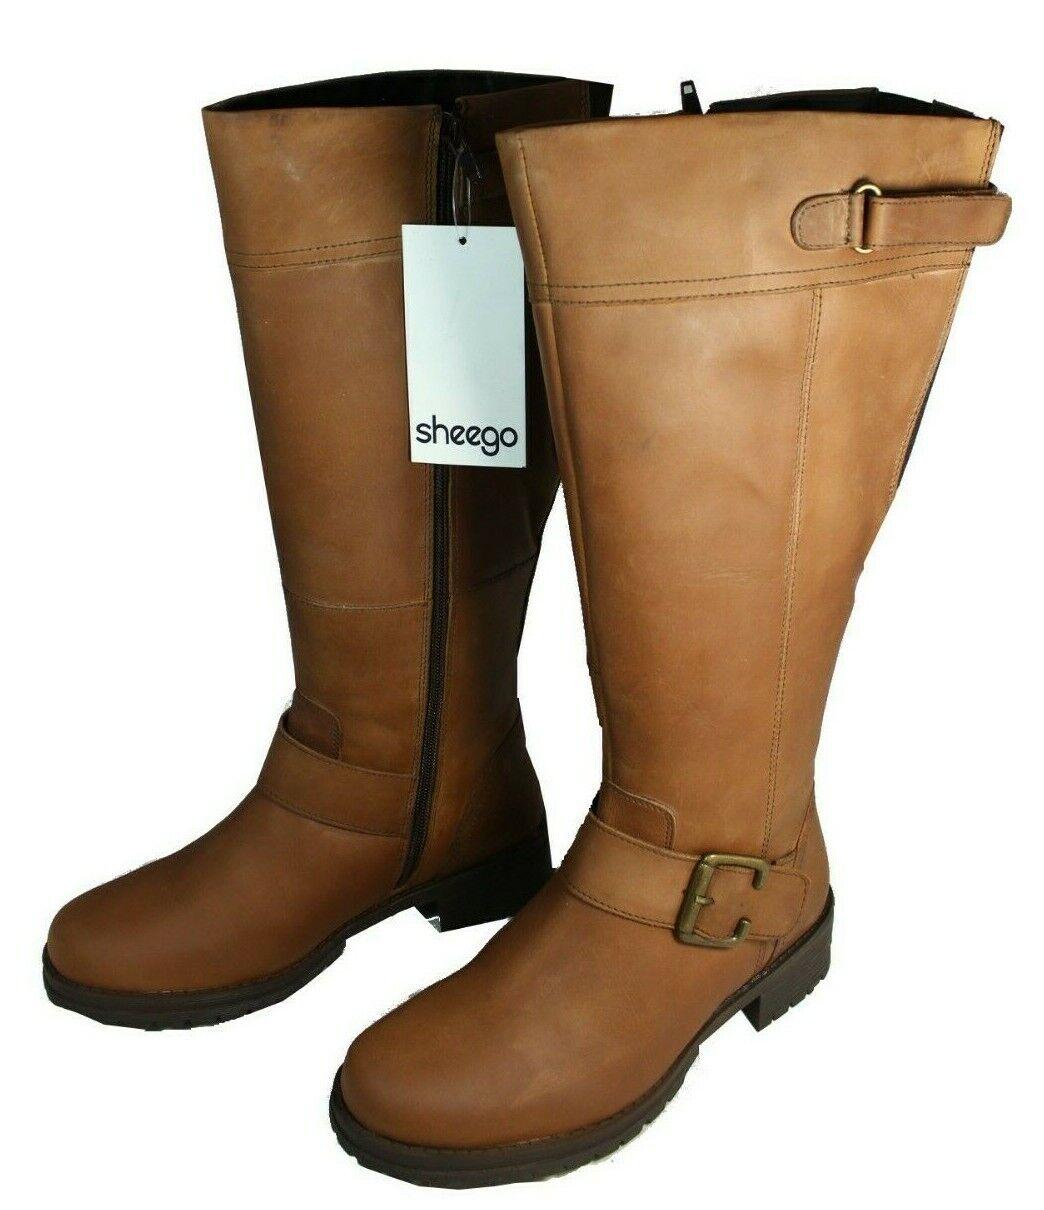 Damen Gr.43 Stiefel Leder XL Weitschaftstiefel Sheego